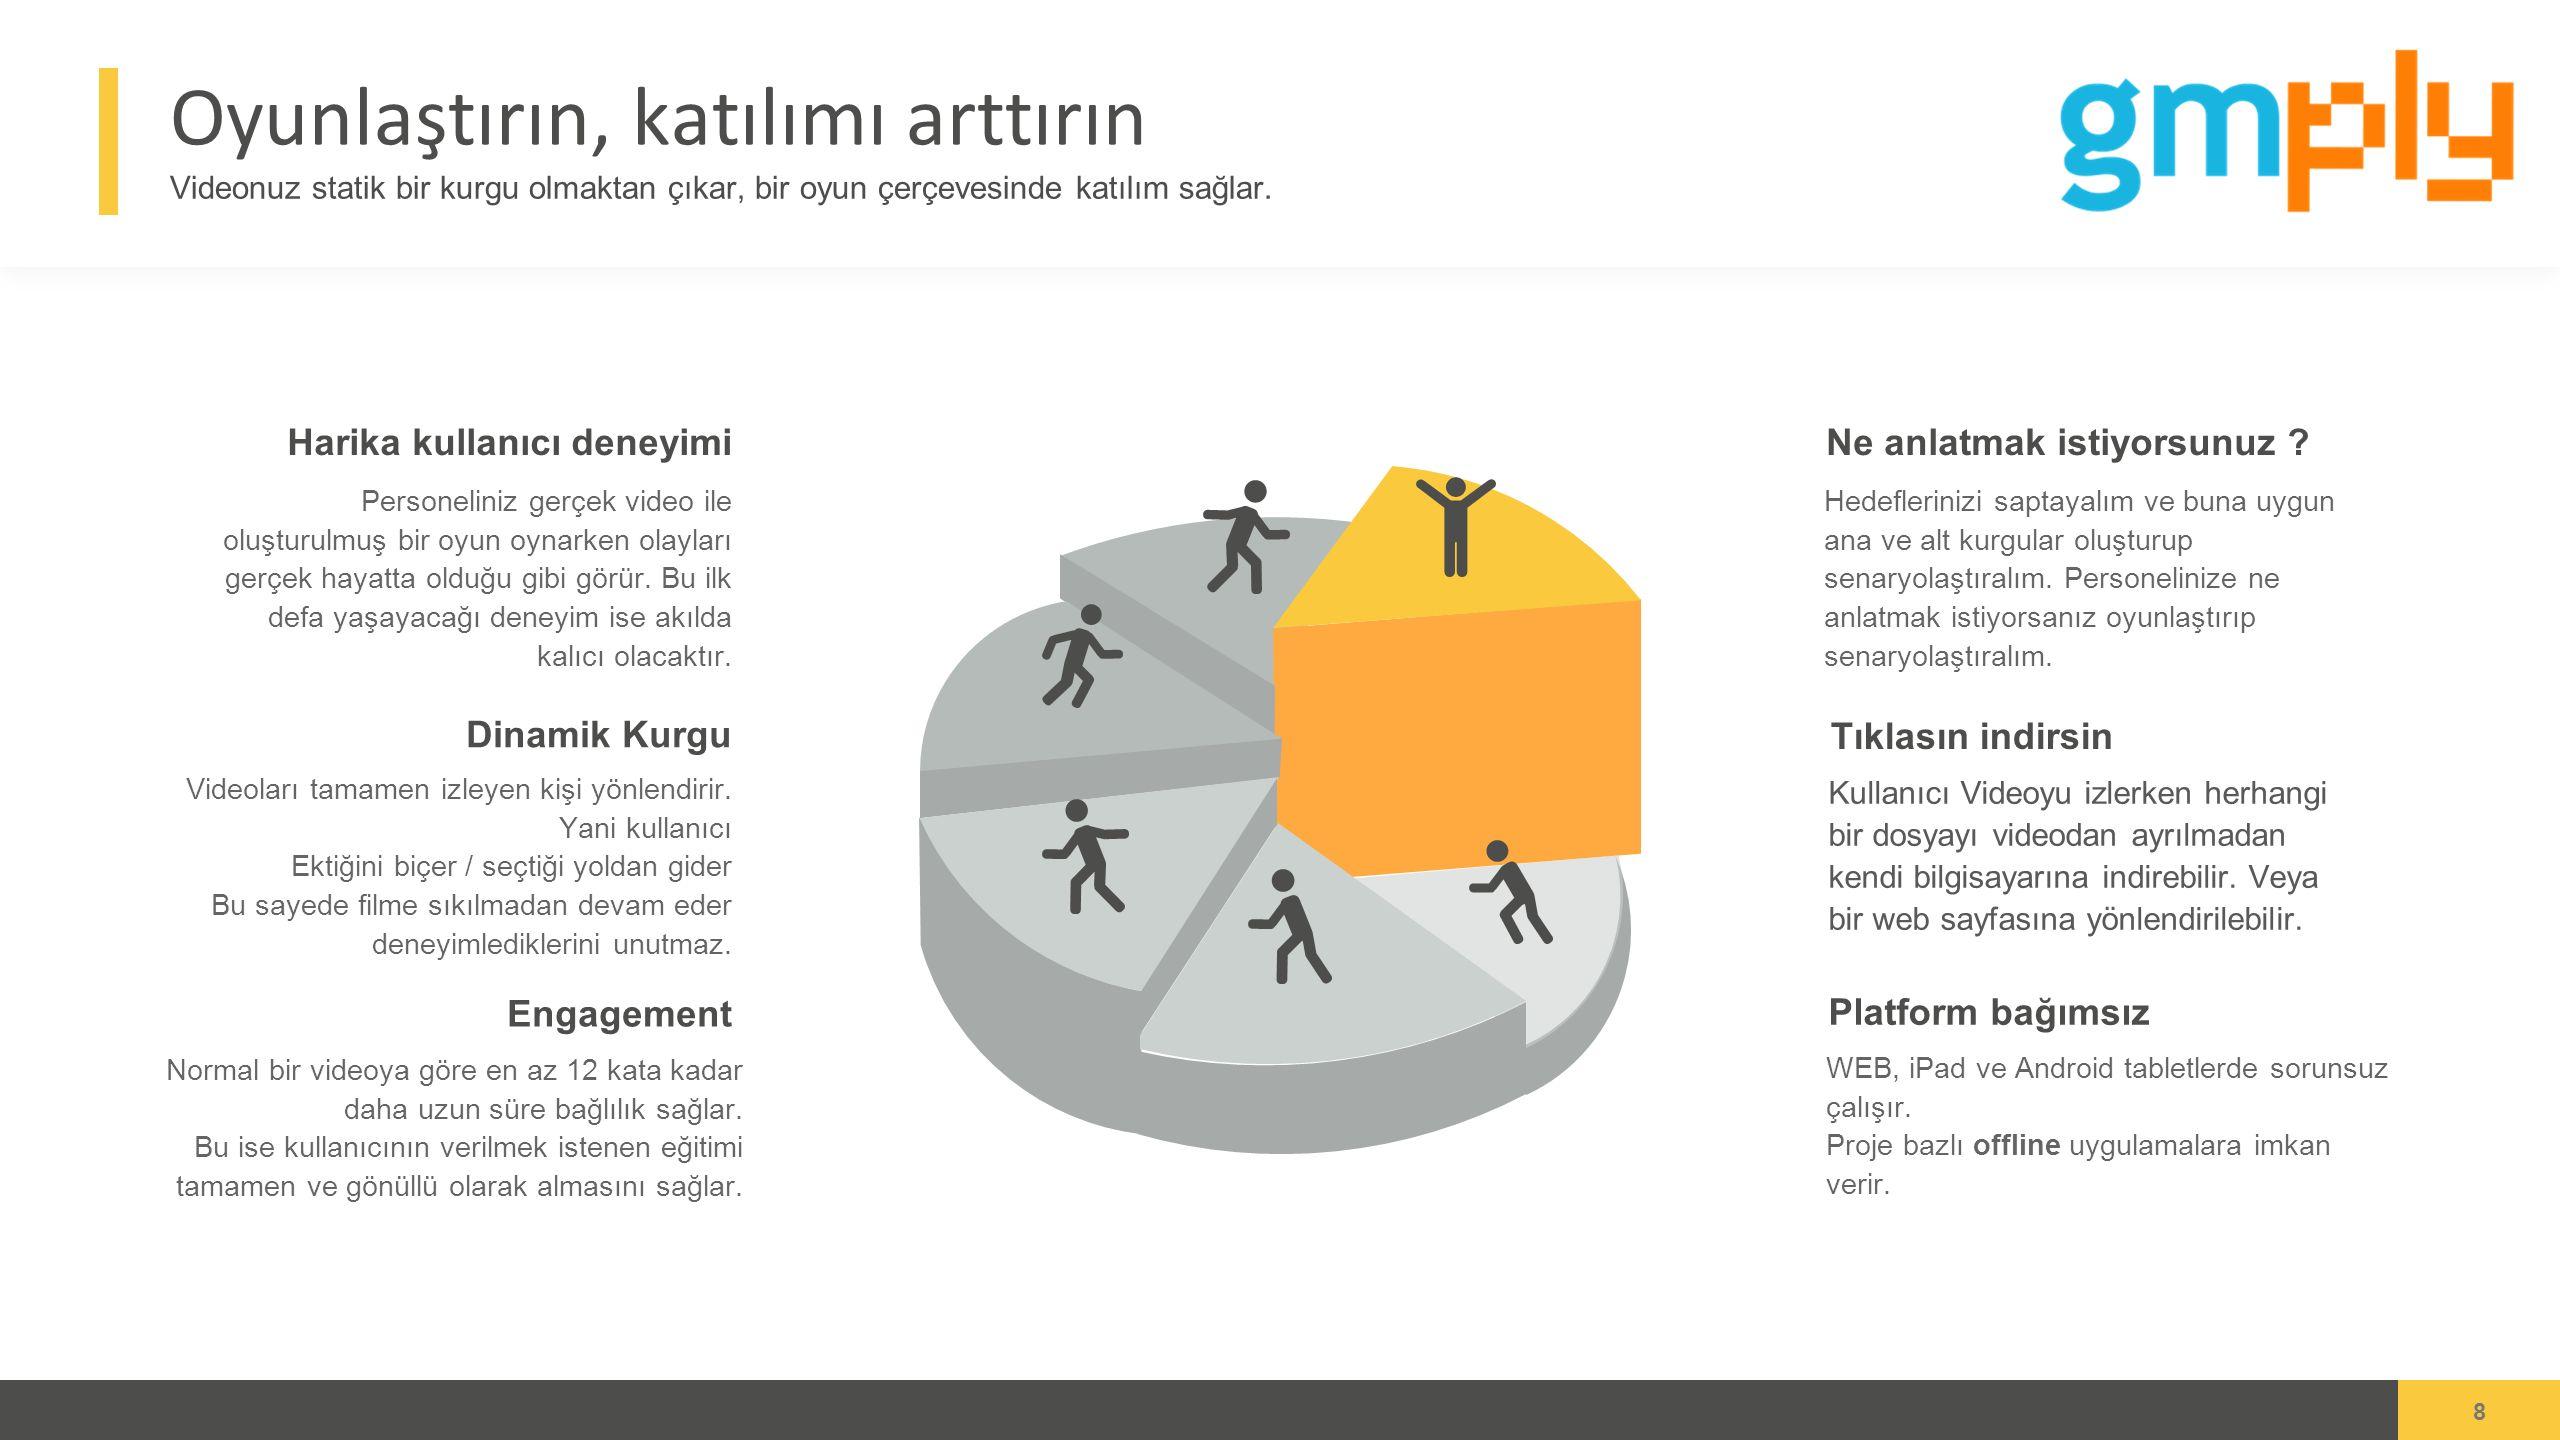 Advert keynote presentation - 2015 9.